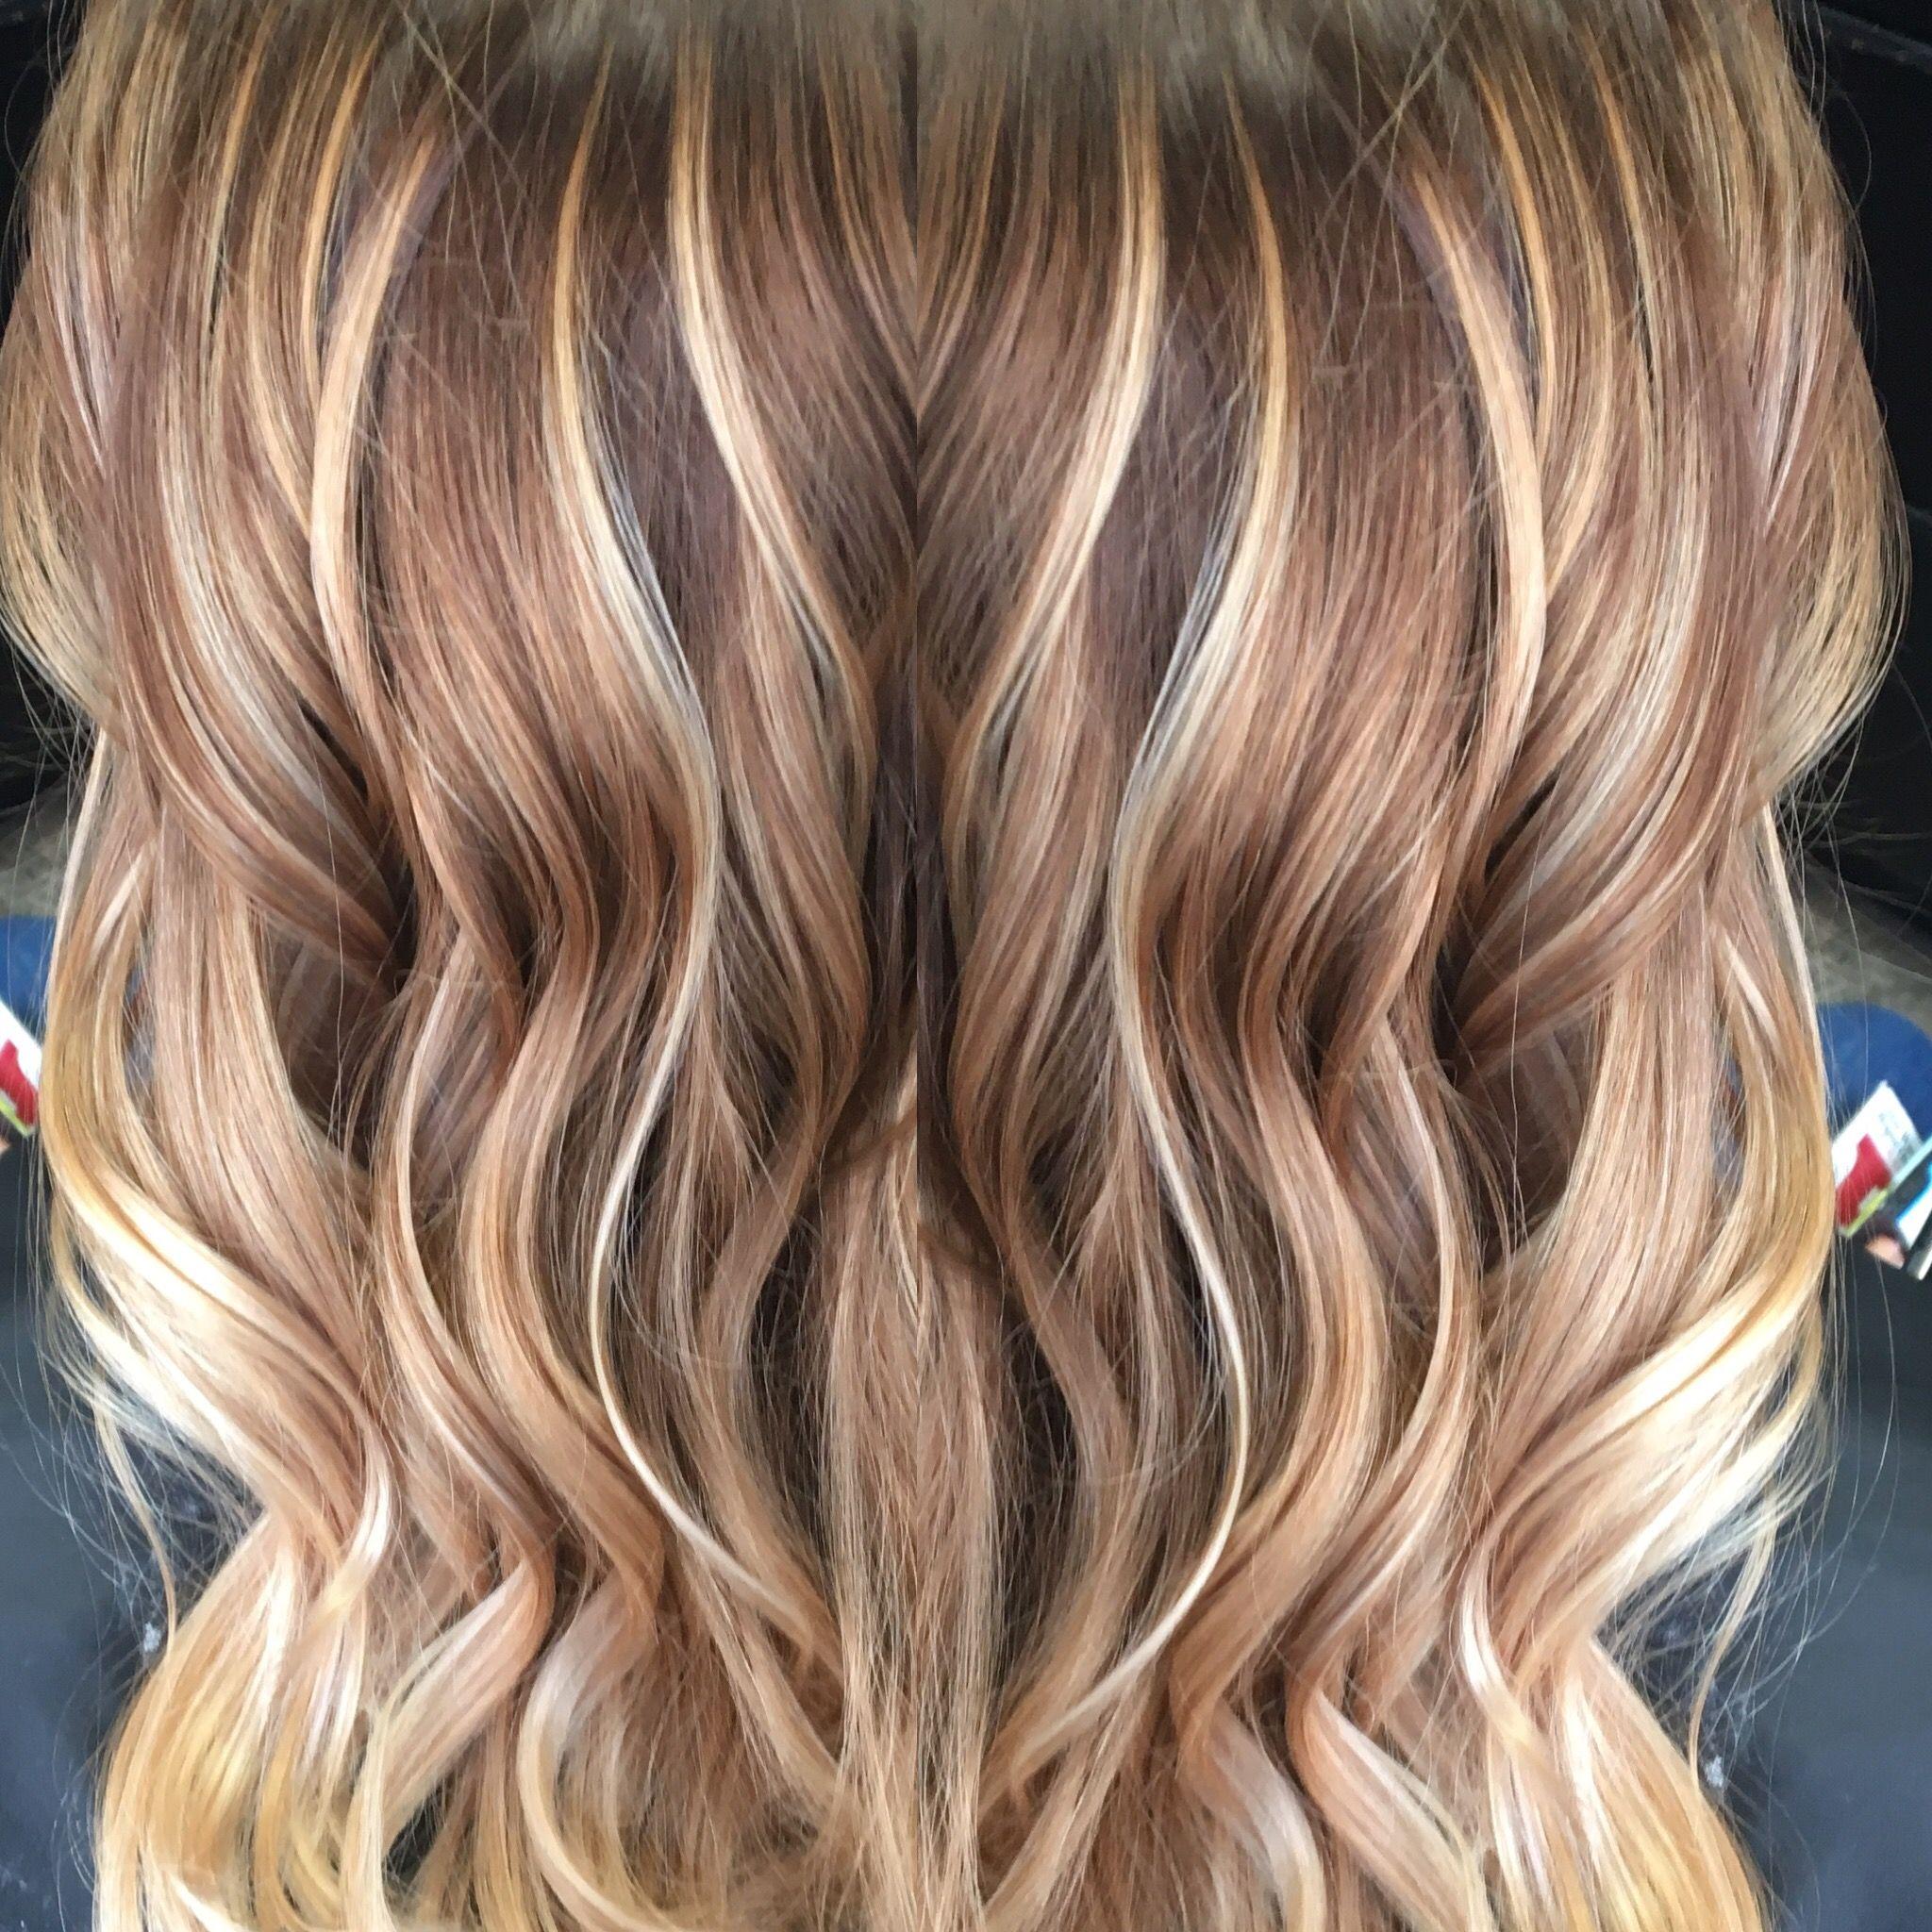 Caramel And Blonde Balayage Balayage Hair Blonde Balayage